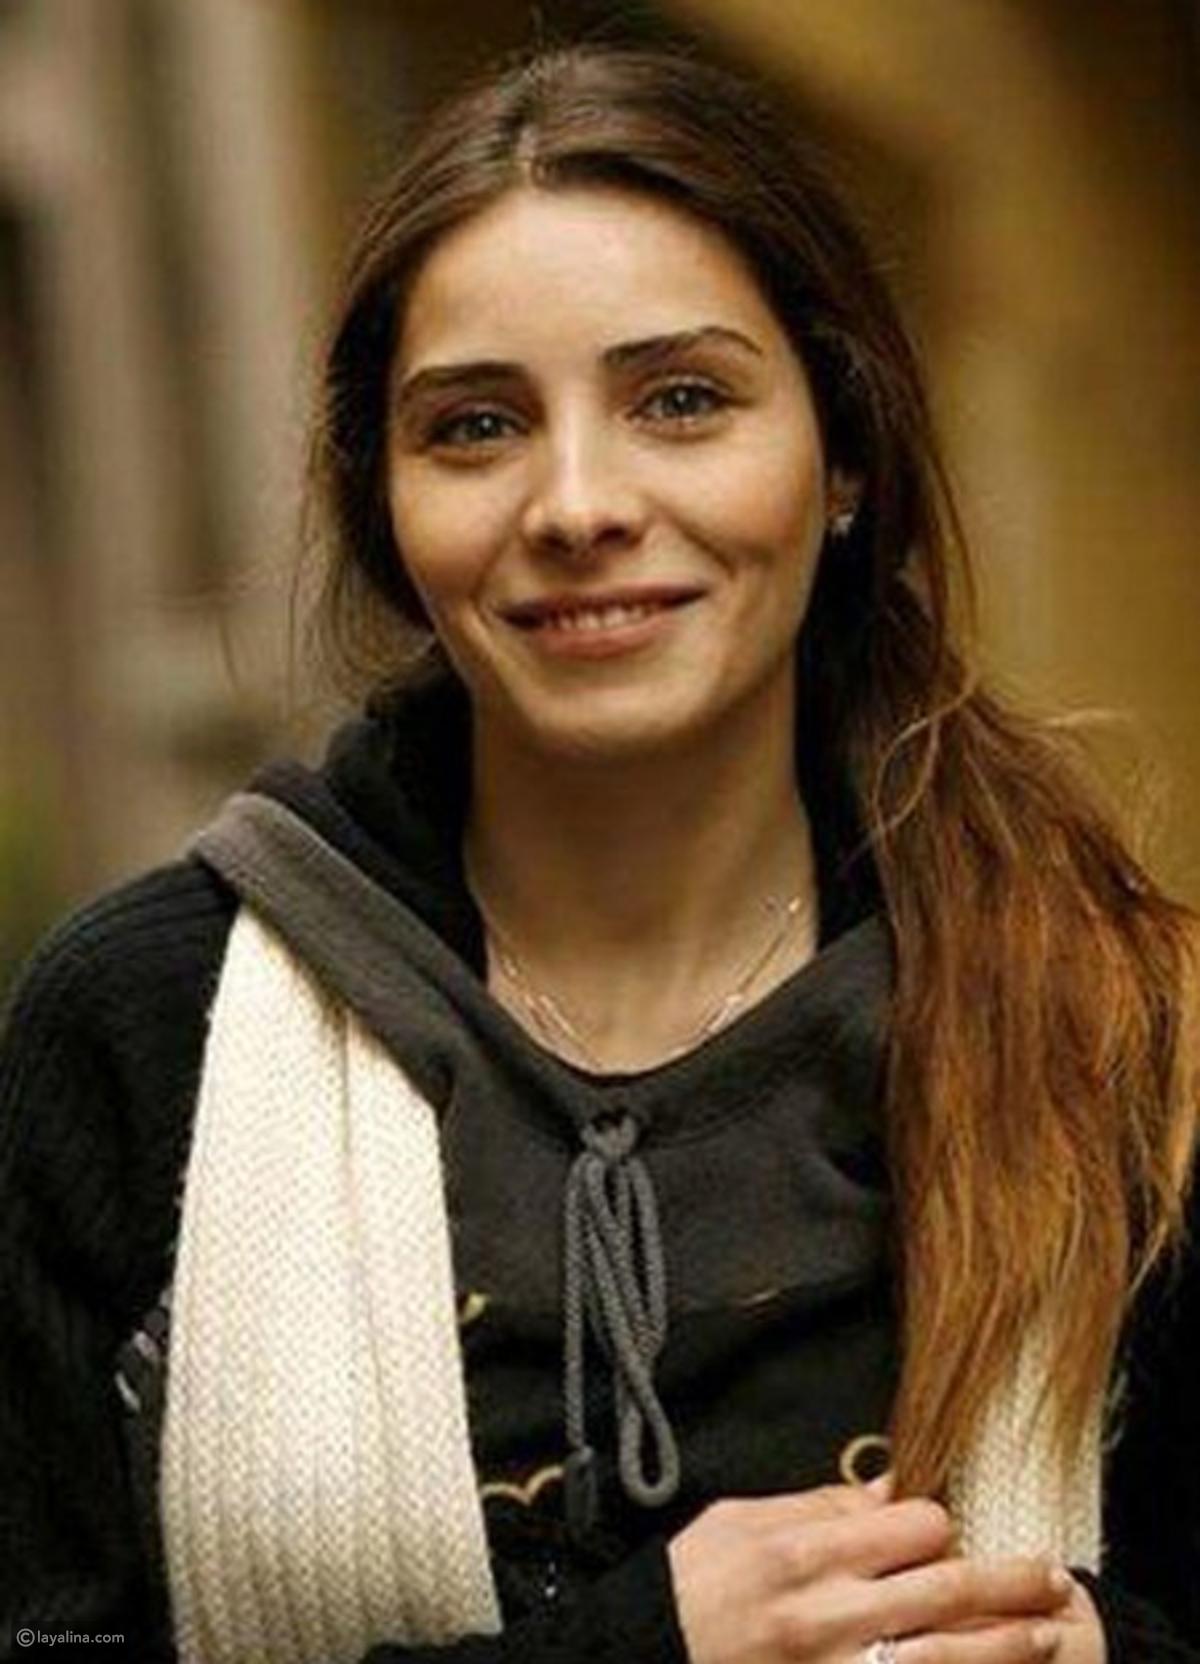 كيف تبدو أجمل الفنانات التركيات بدون مكياج شاهدوا الصور ليالينا